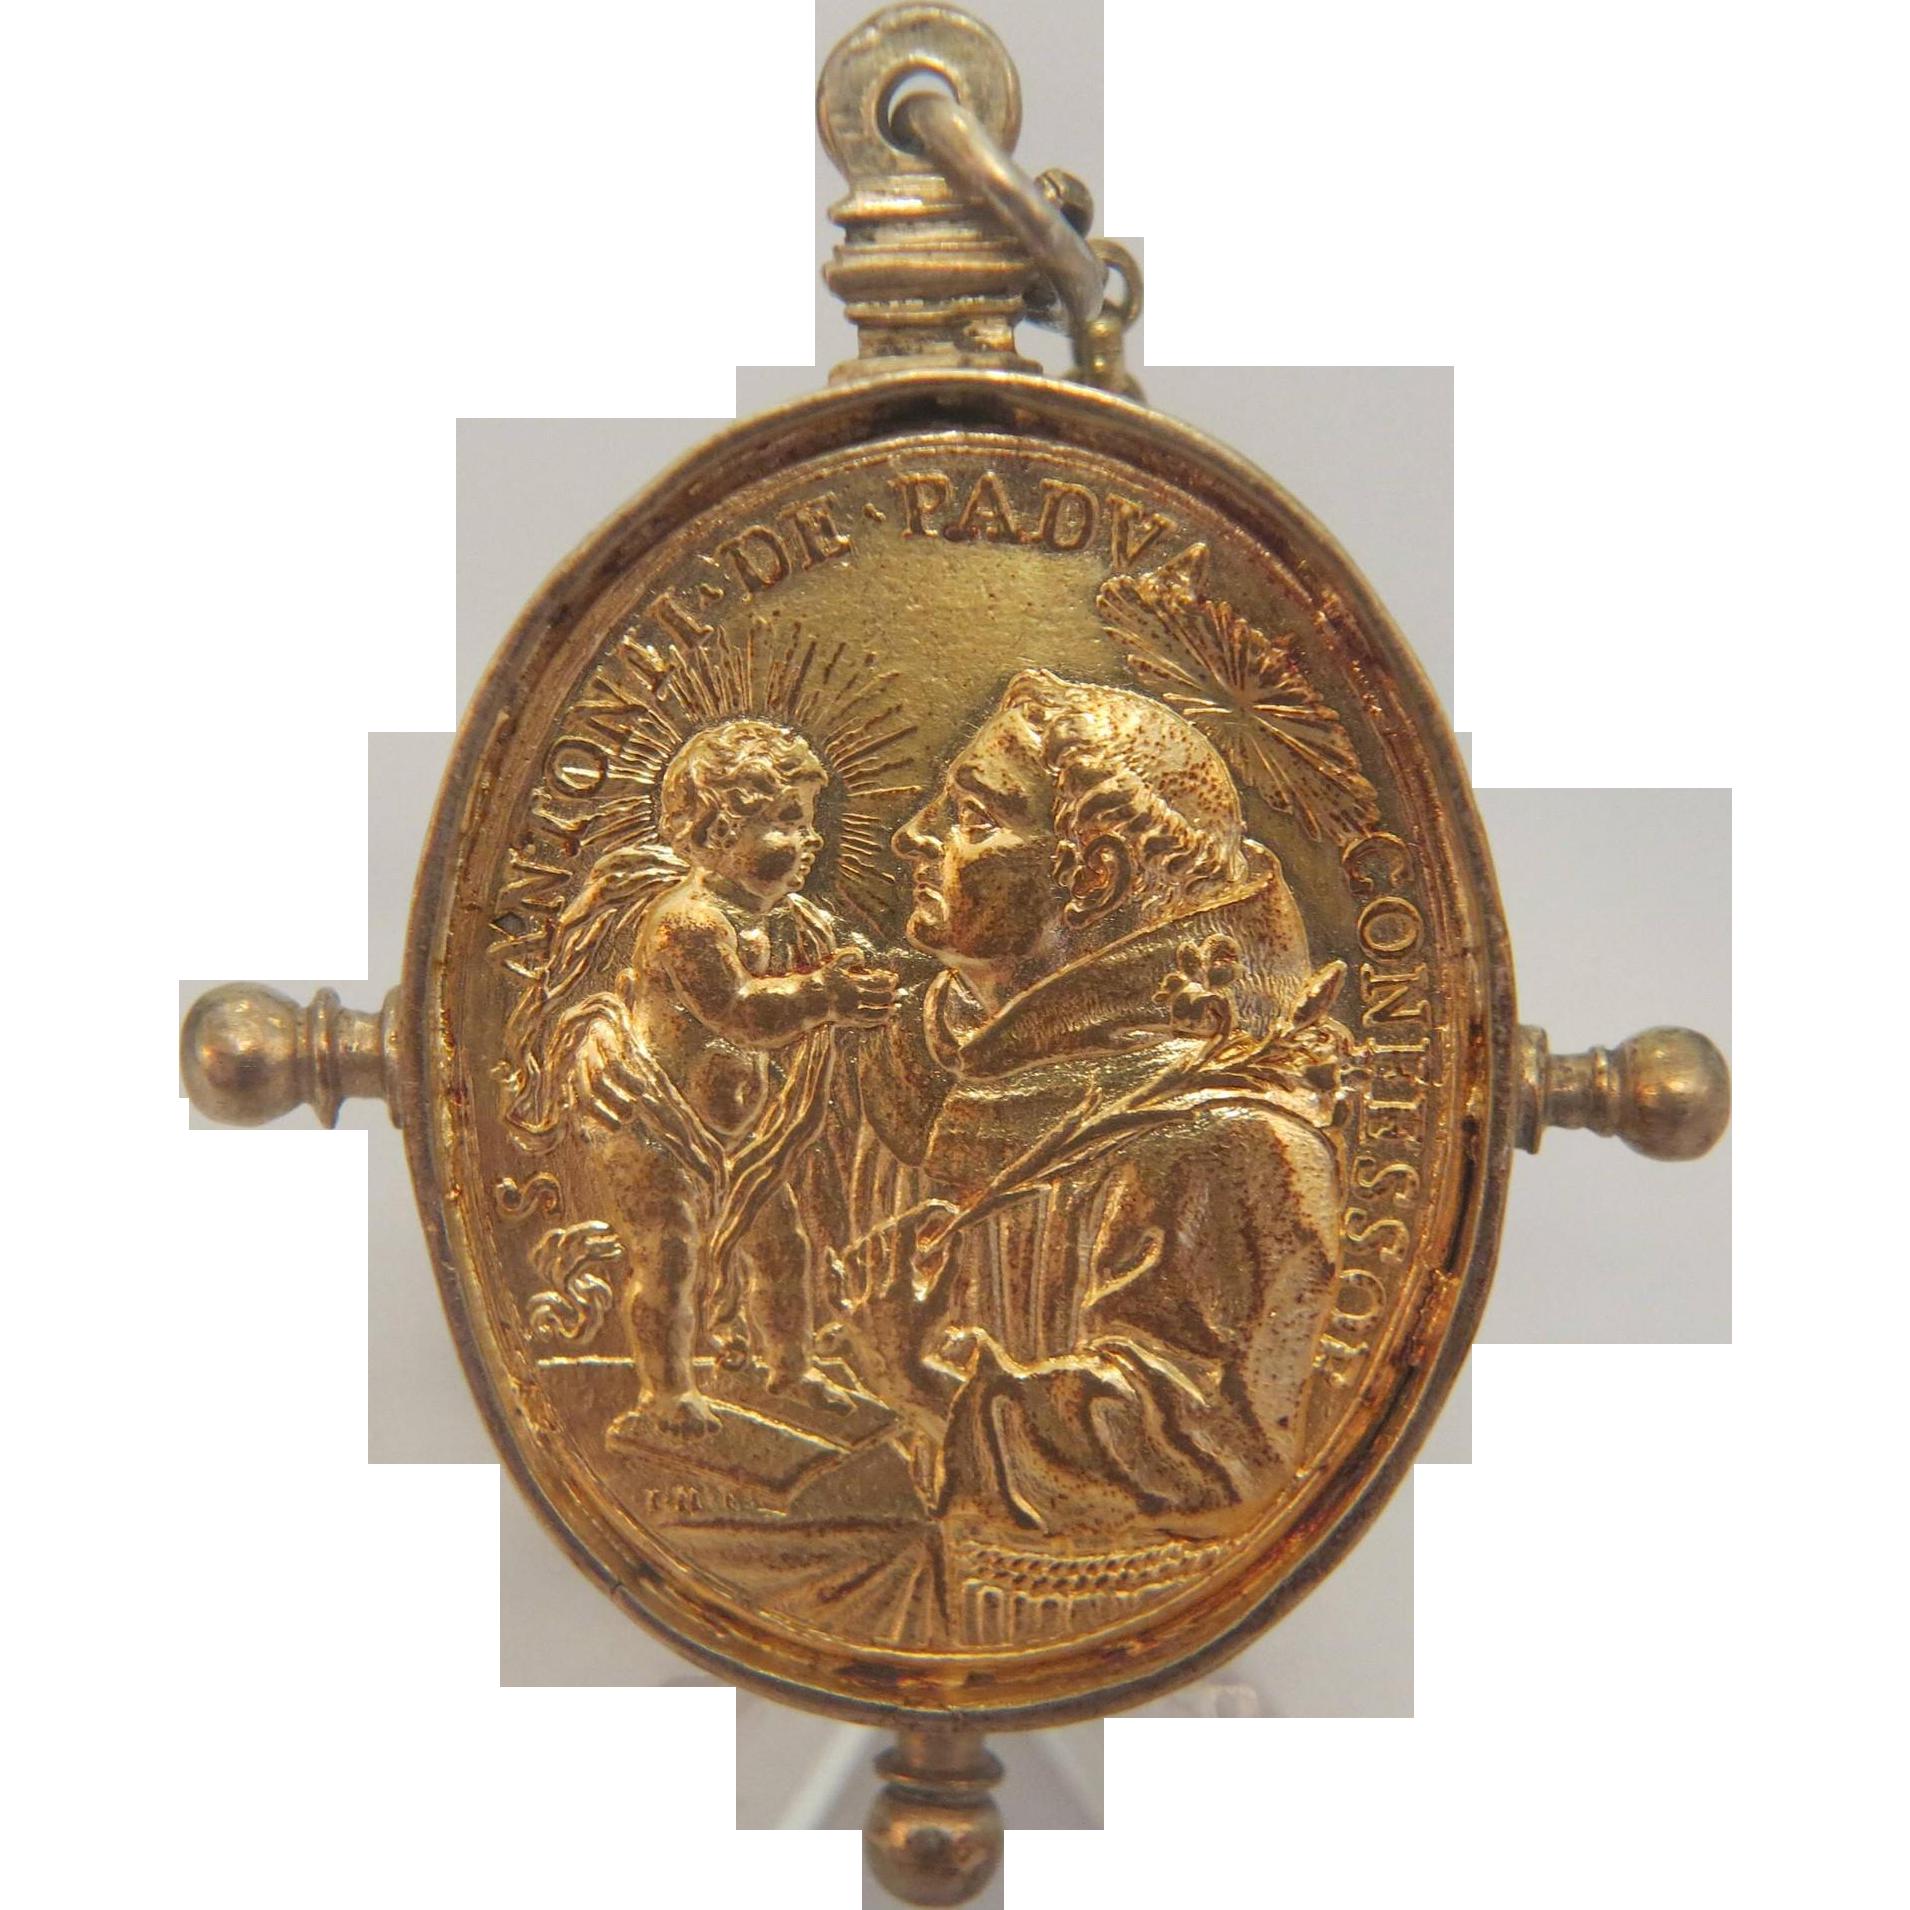 Gilt silver pendant depicting Saints, ca. 1750